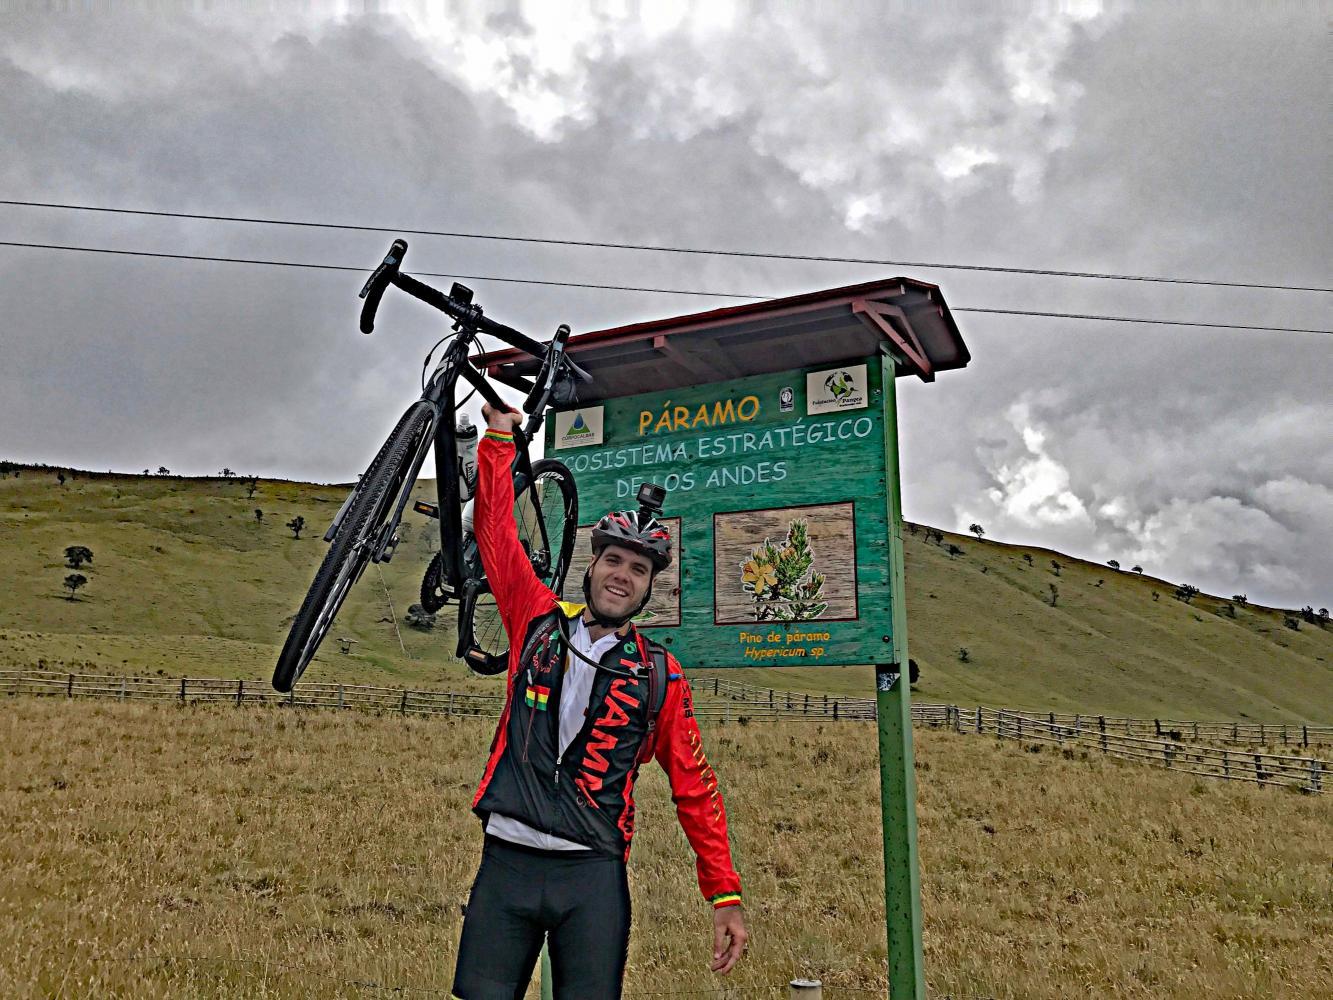 Alto de Letras Bike Climb - PJAMM Cycling